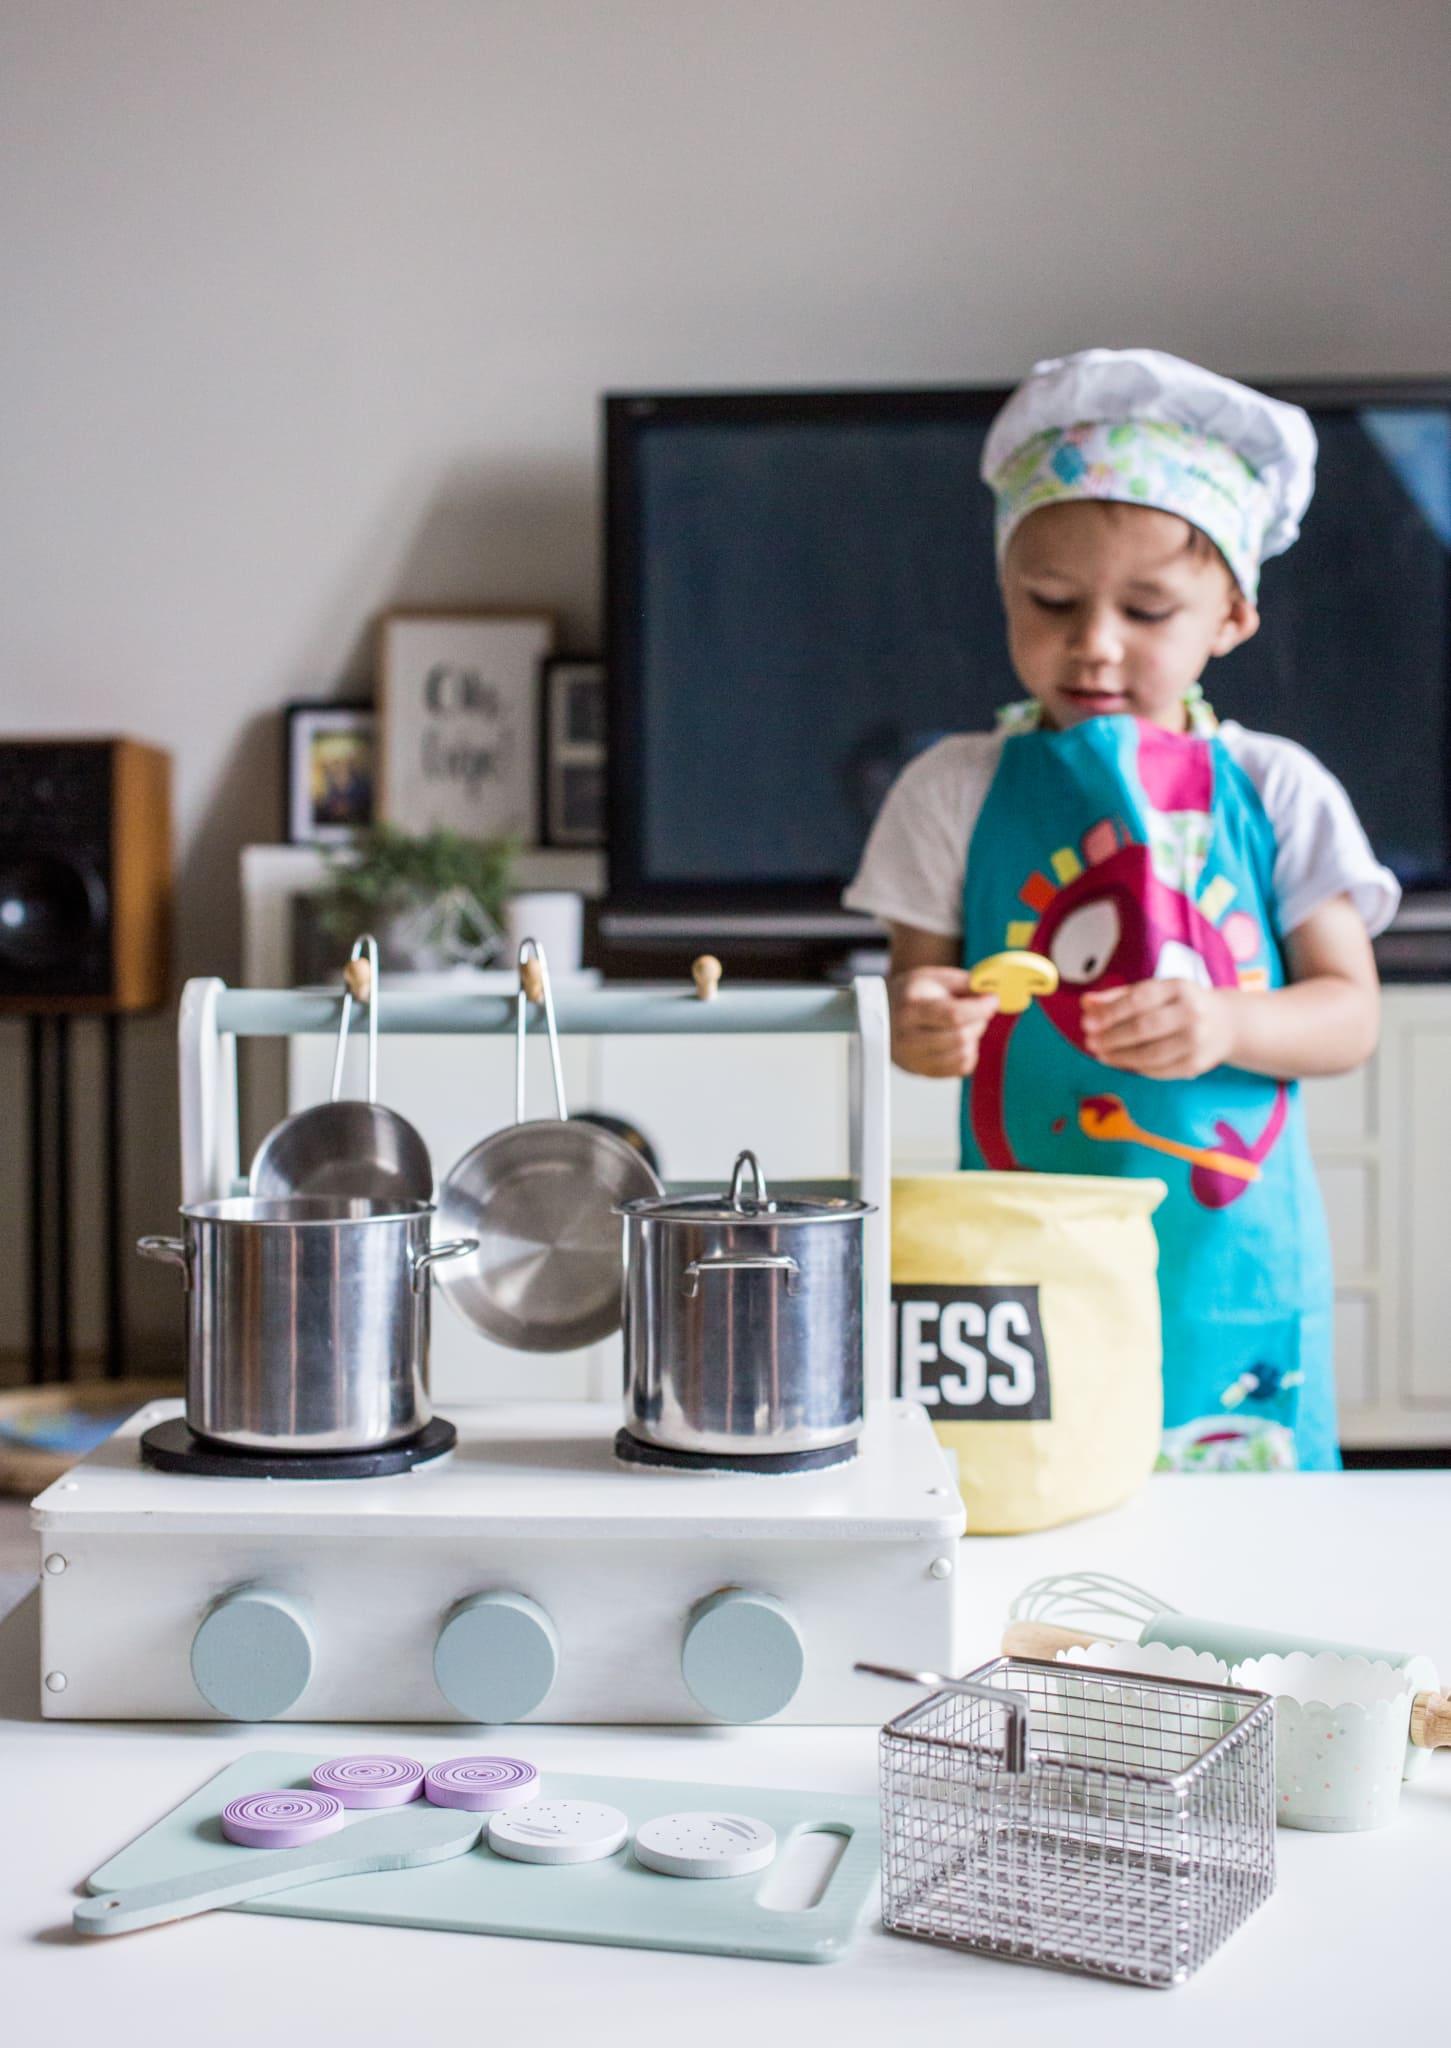 culinessa kinderkeuken 1 2 - DIY kado: kinder keuken voor de mini maken